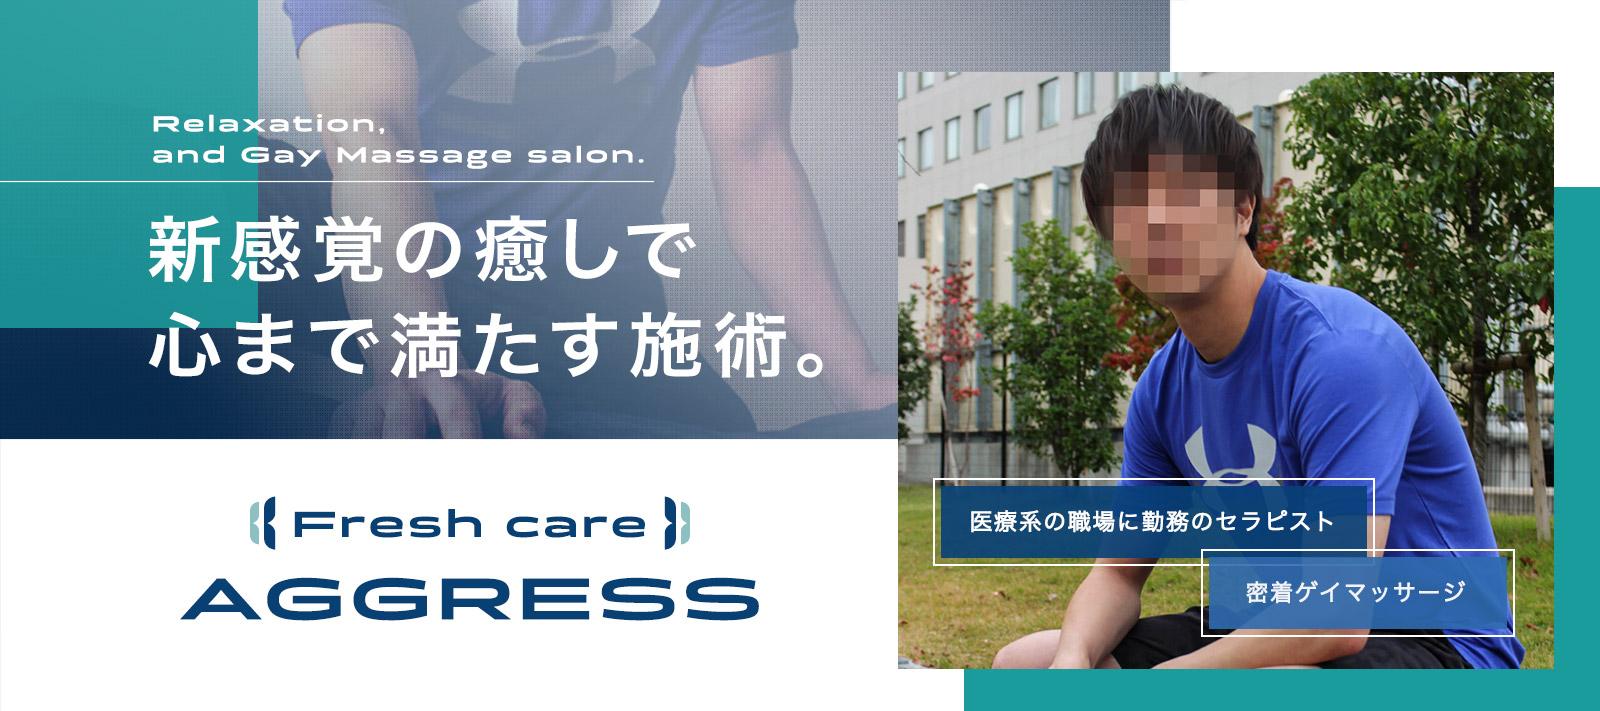 広島ゲイマッサージFreshcareAGGRESS|野村直輝(ノムラナオキ)はこちら